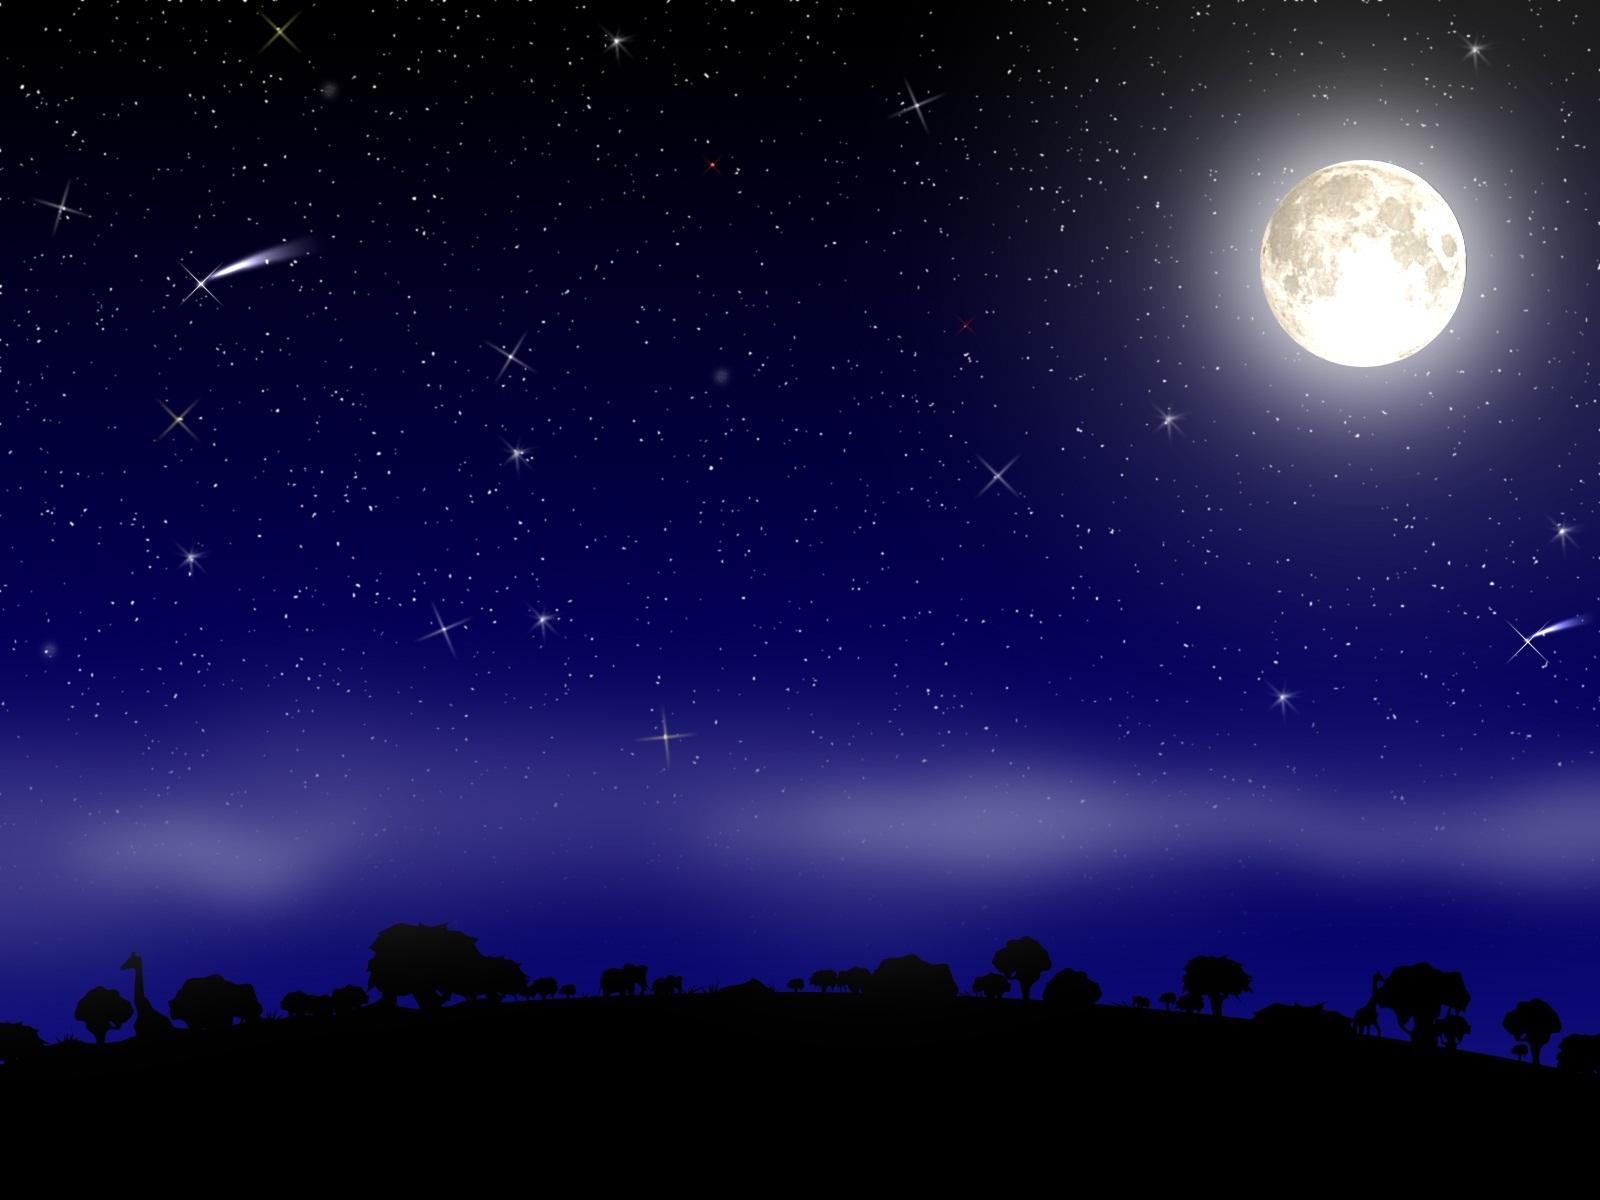 Новогодняя, звездная ночь картинки